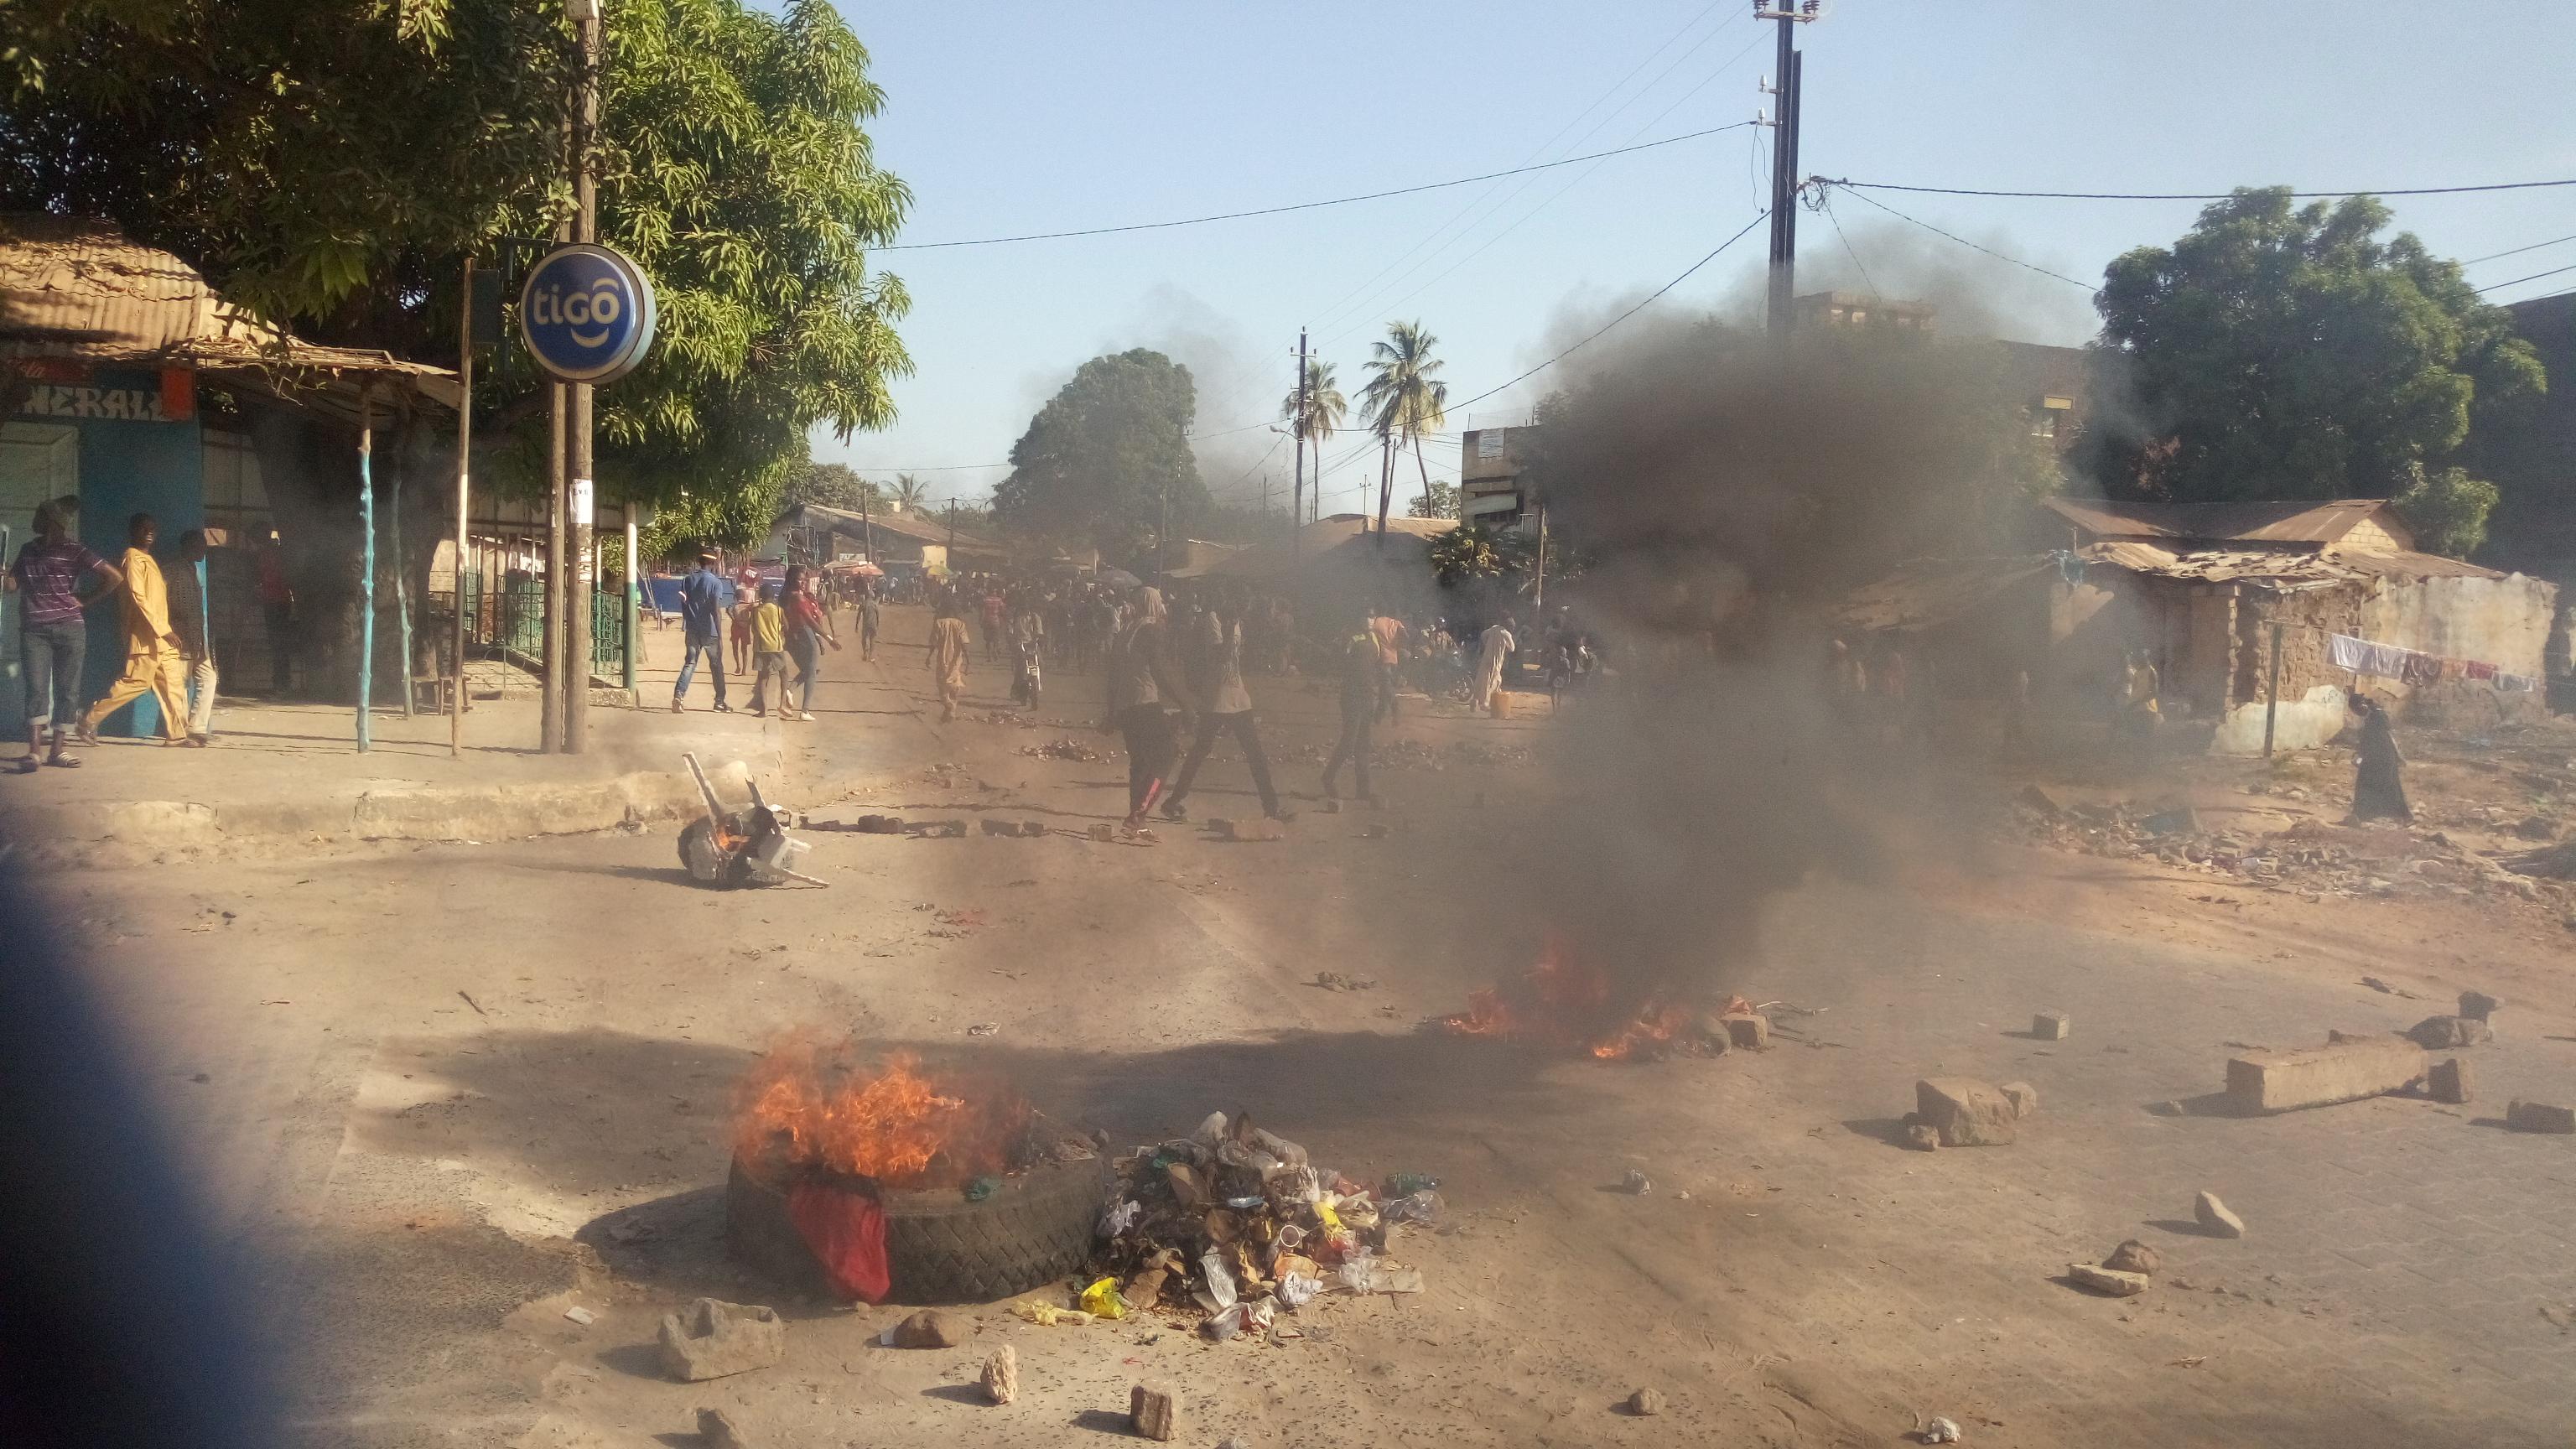 Ça chauffe dans les rues de Ziguinchor. Les étudiants du privé mettent le feu partout sur leur passage